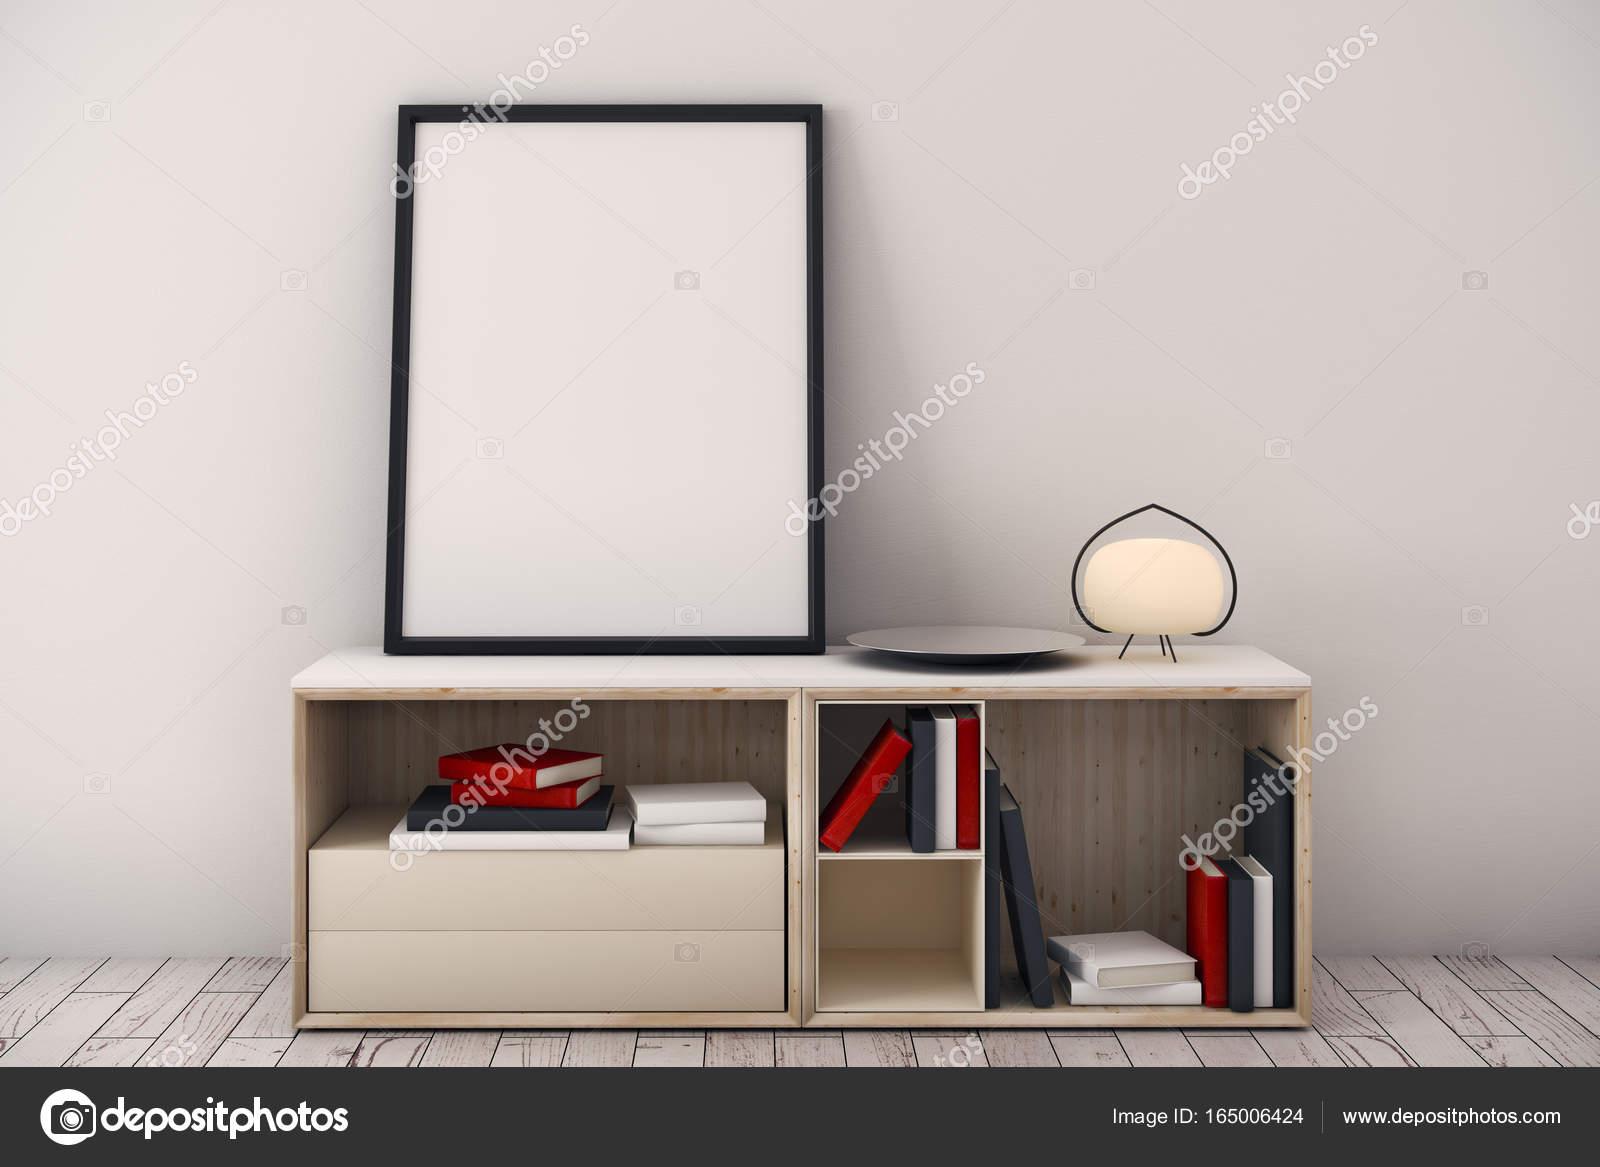 Zeitgenössischen Innenraum mit Schrank — Stockfoto © peshkova #165006424